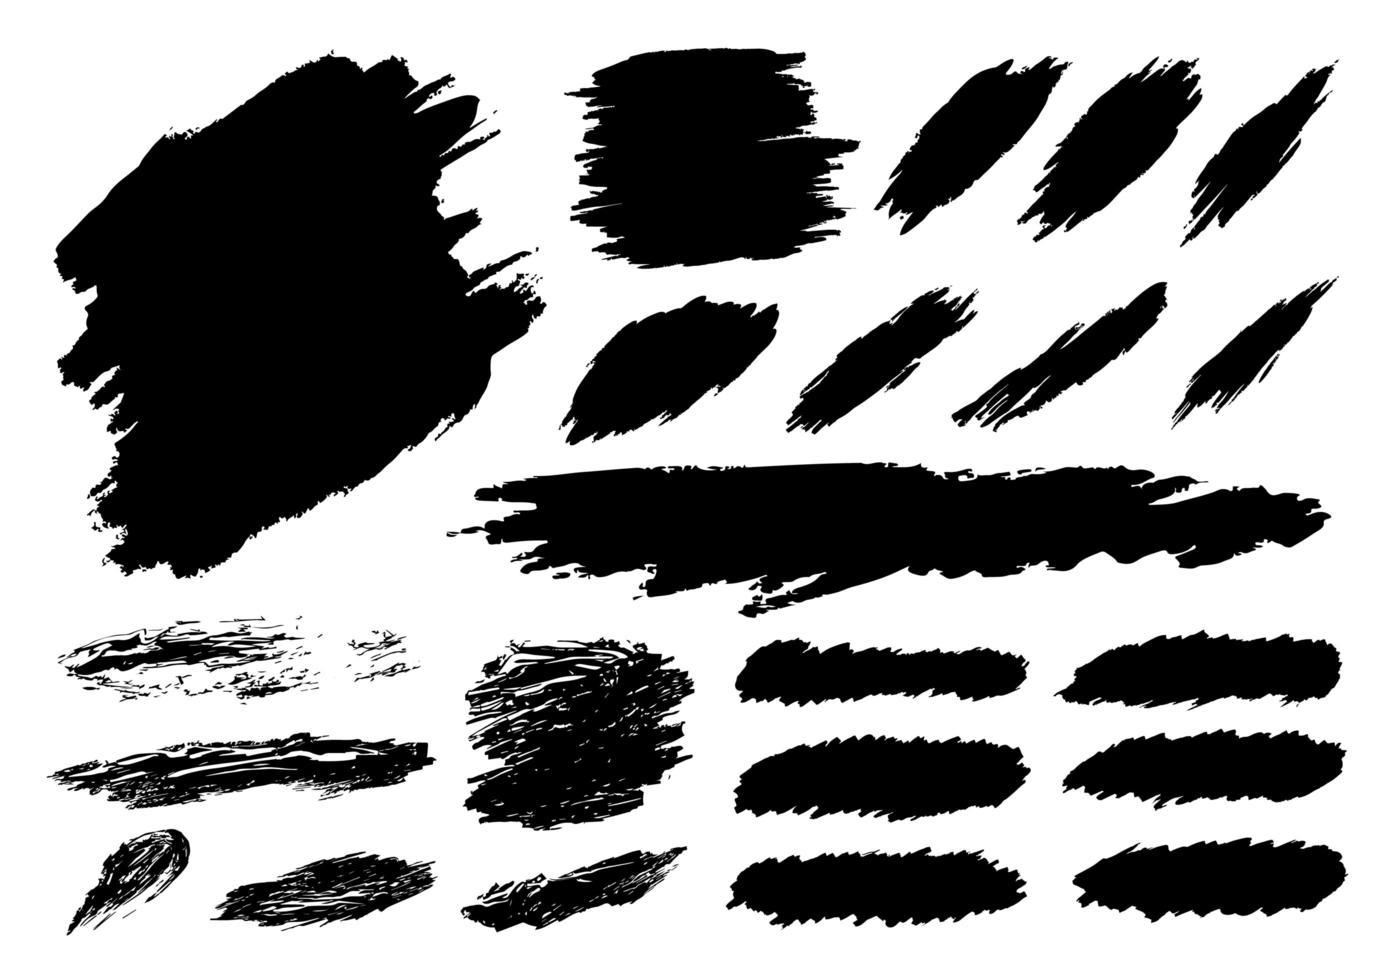 schwarzer Pinselstrich eingestellt vektor